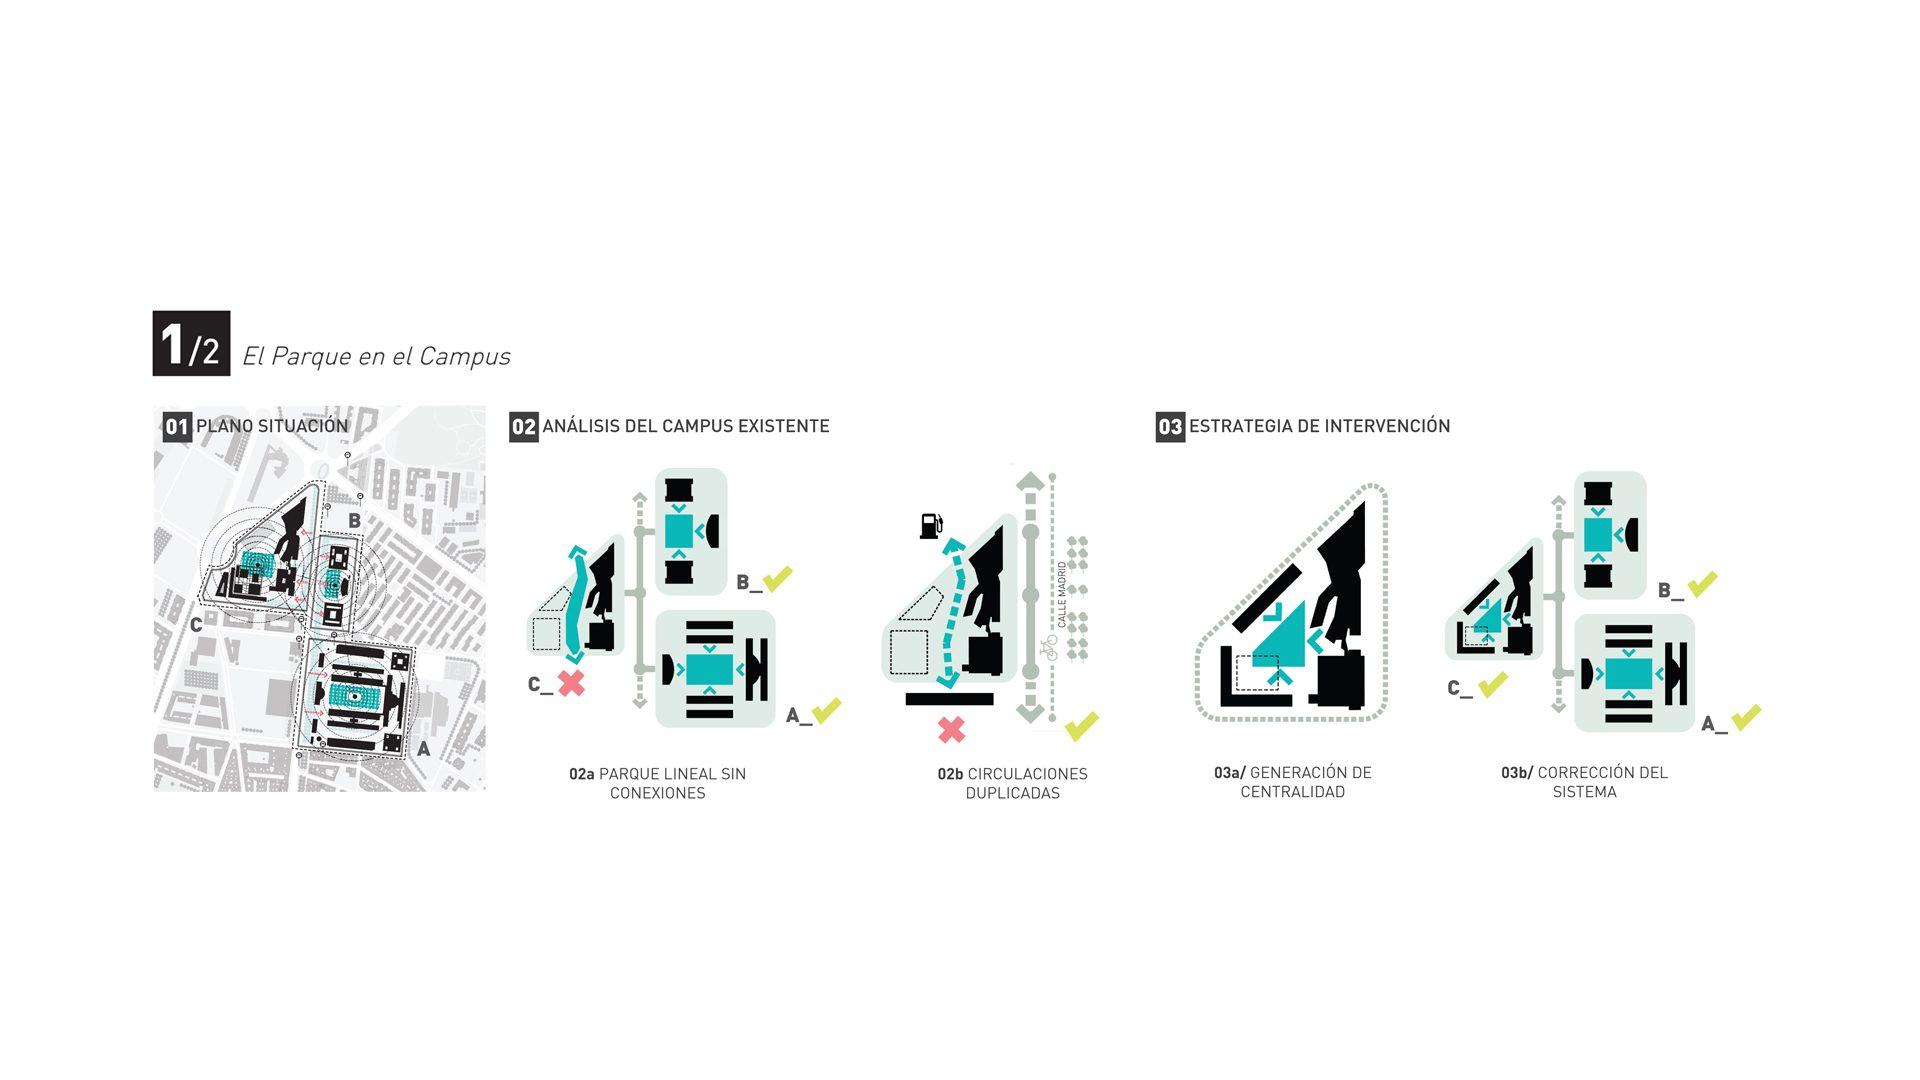 02_Diagrams 01